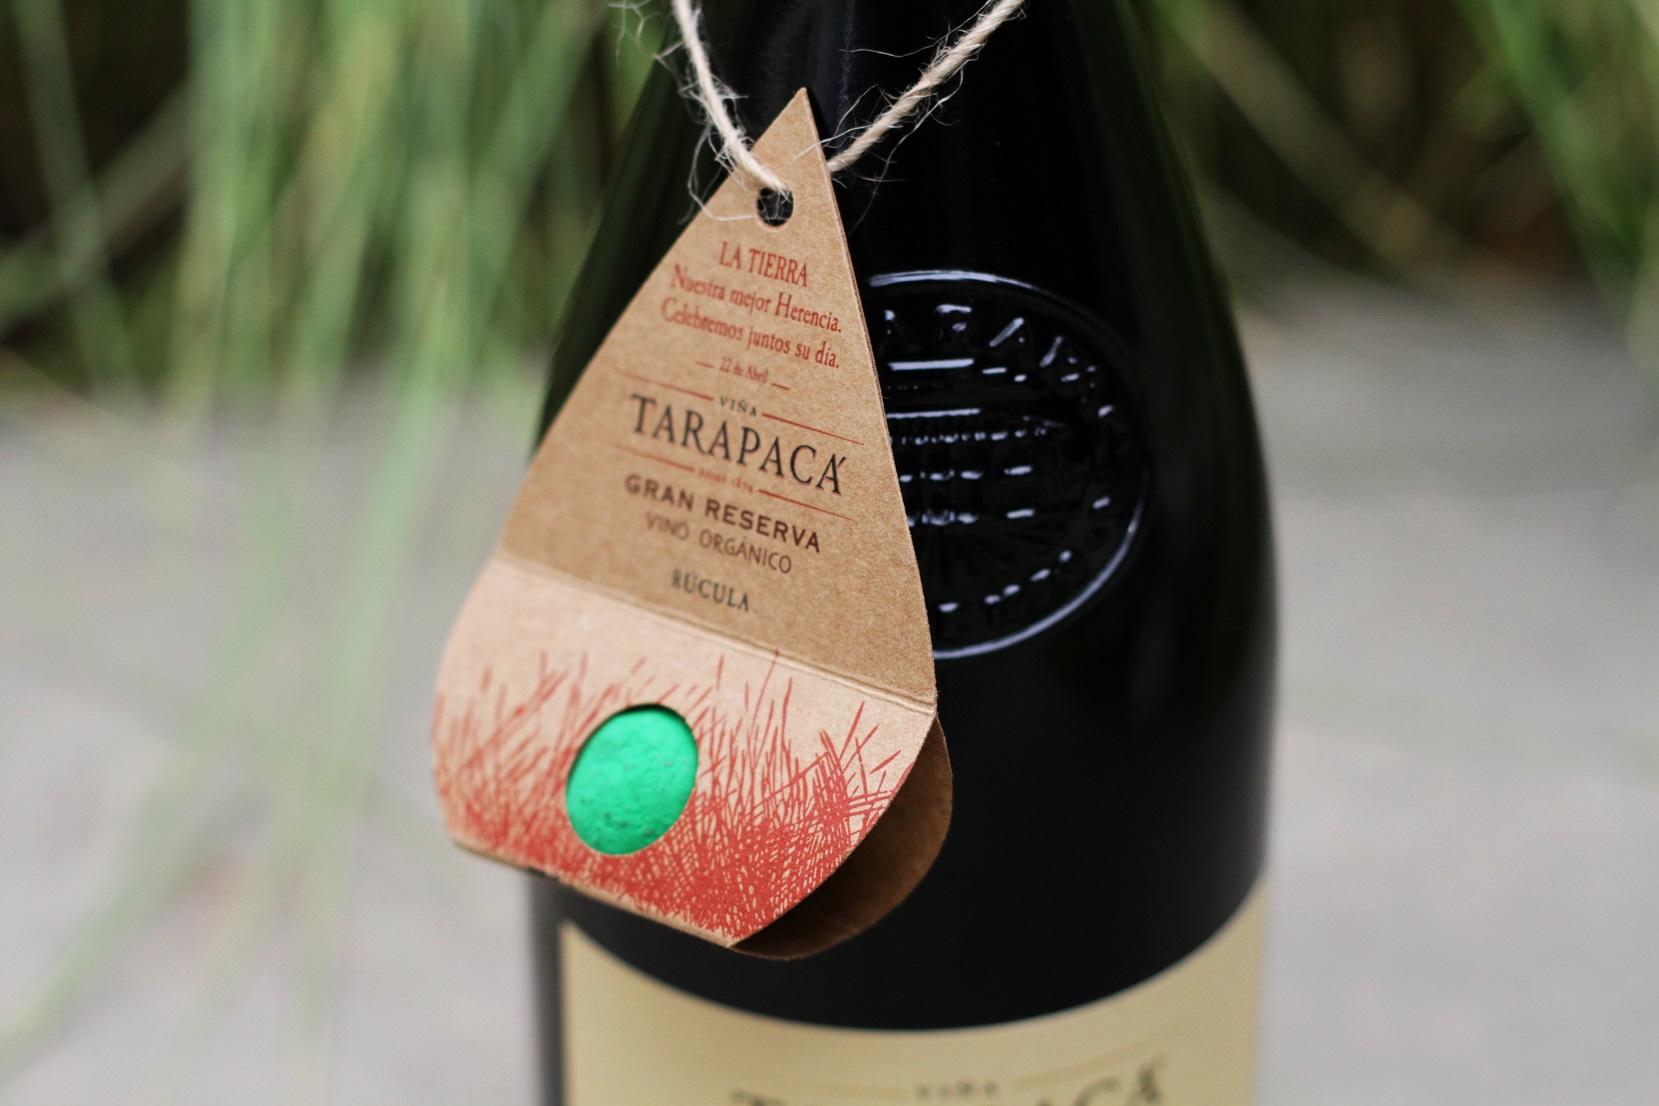 Tarapacá Gran Reserva Orgánico viste sus botellas para acompañar el Mes de la Tierra